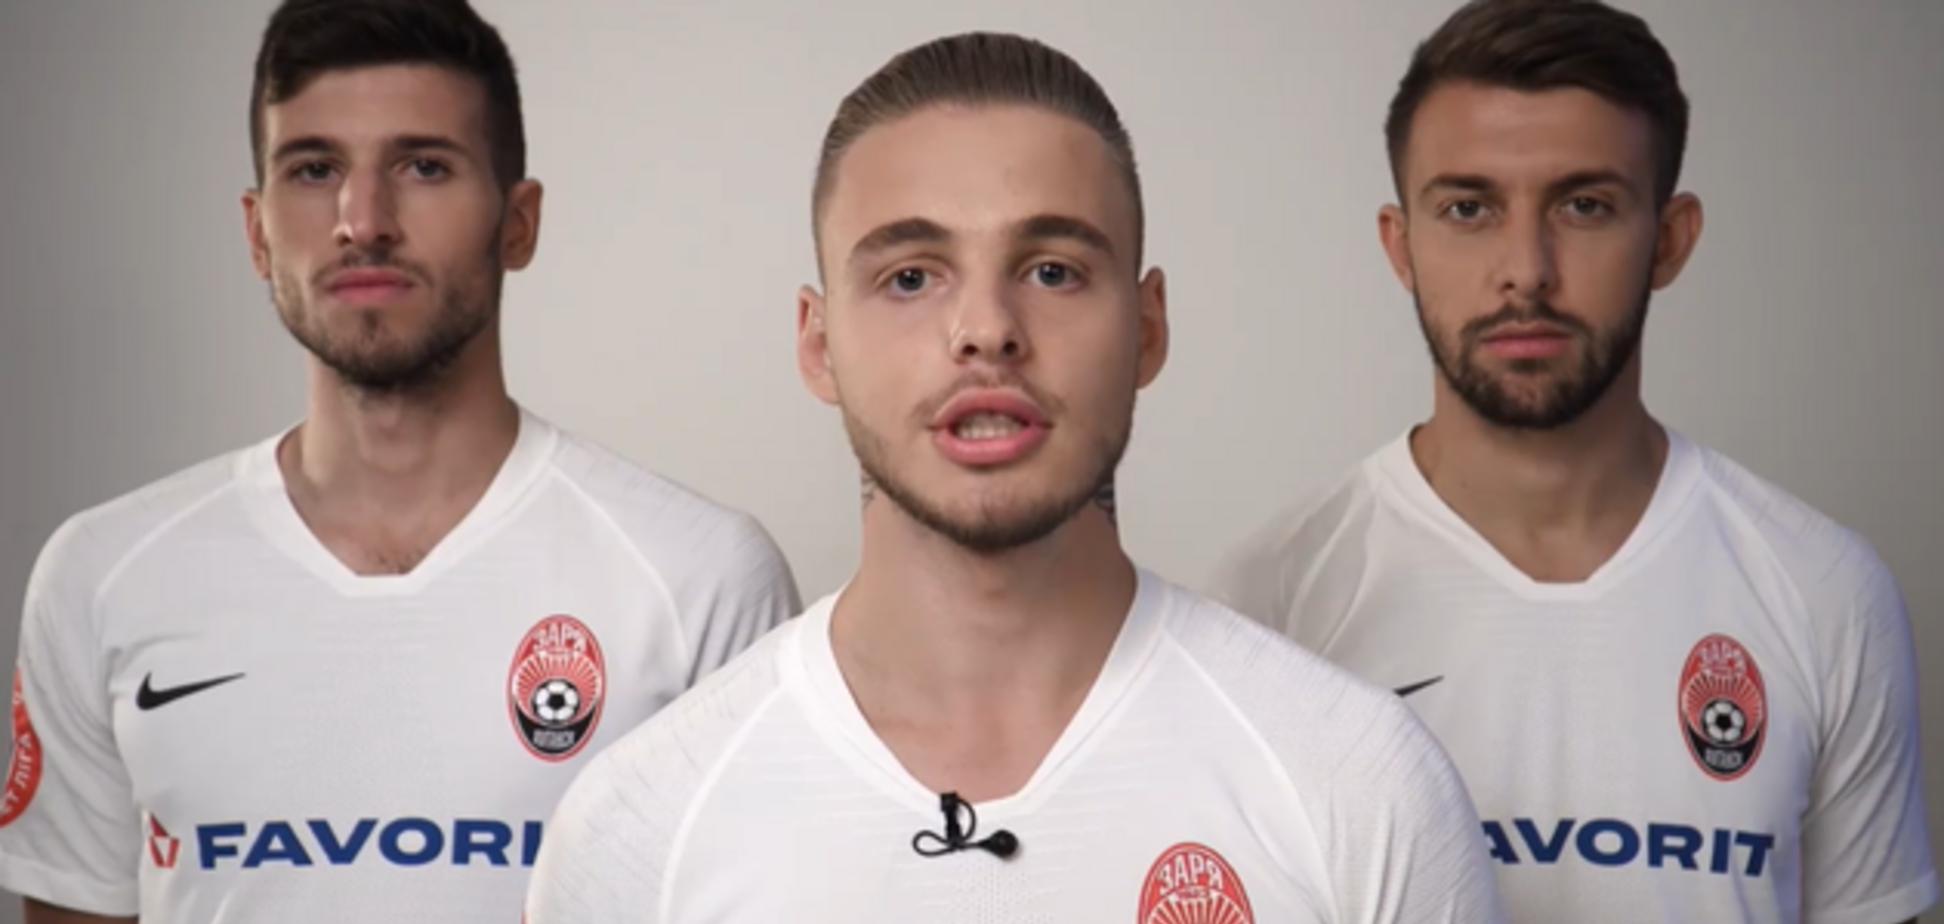 'Повертайся живим!' Українські футболісти записали зворушливе відео